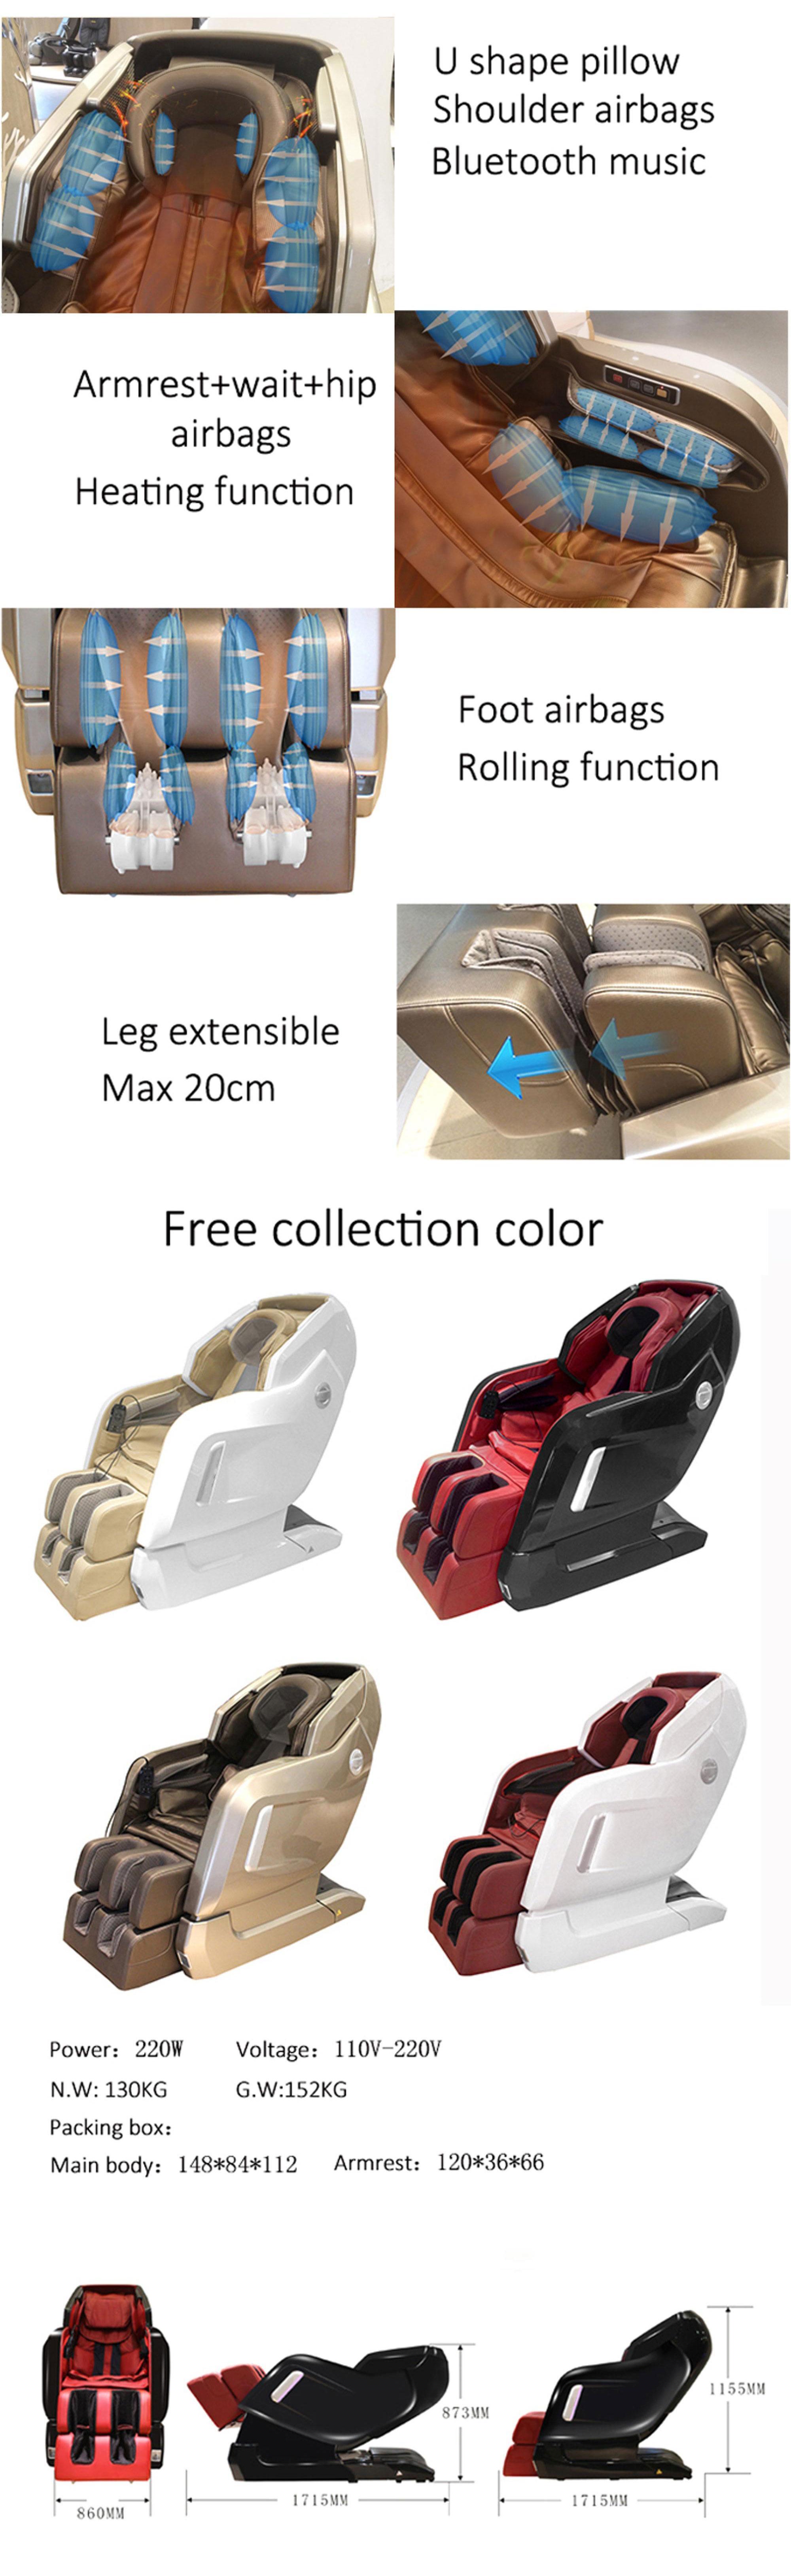 レジャーデザインボディケア3dシネマタイマッサージチェア空気ポンプ